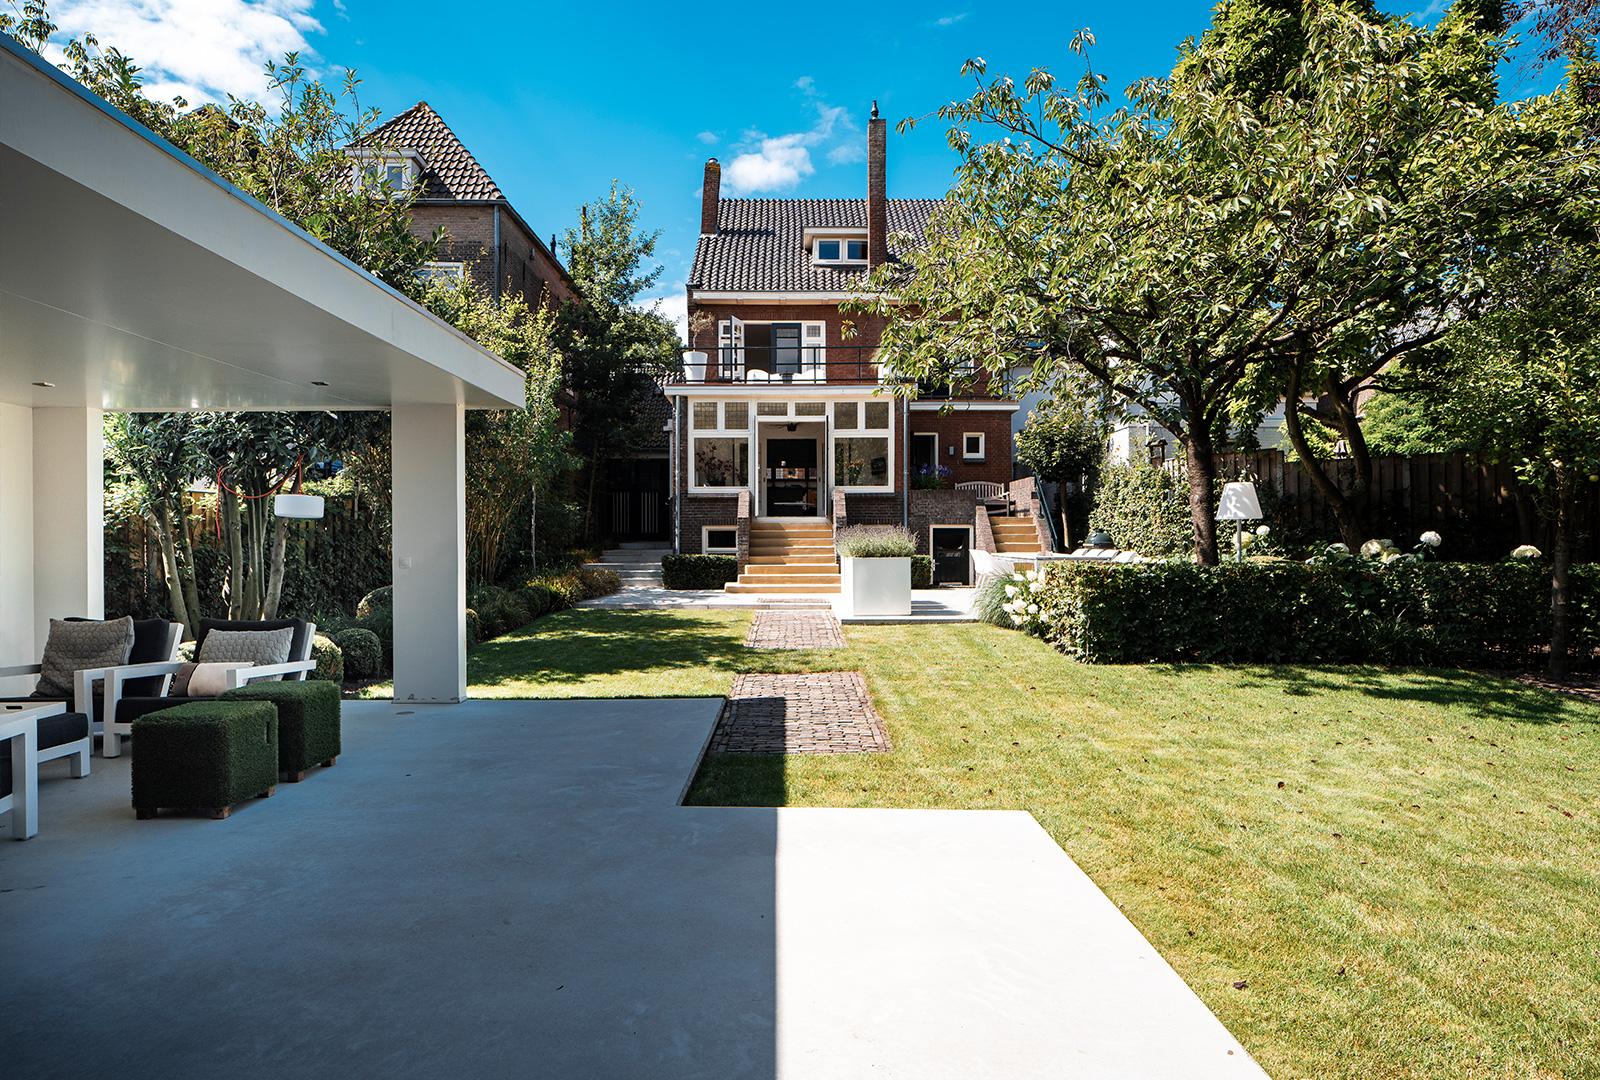 Molengraaf-tuinen-zevenbergen-ontwerp-realisatie-5